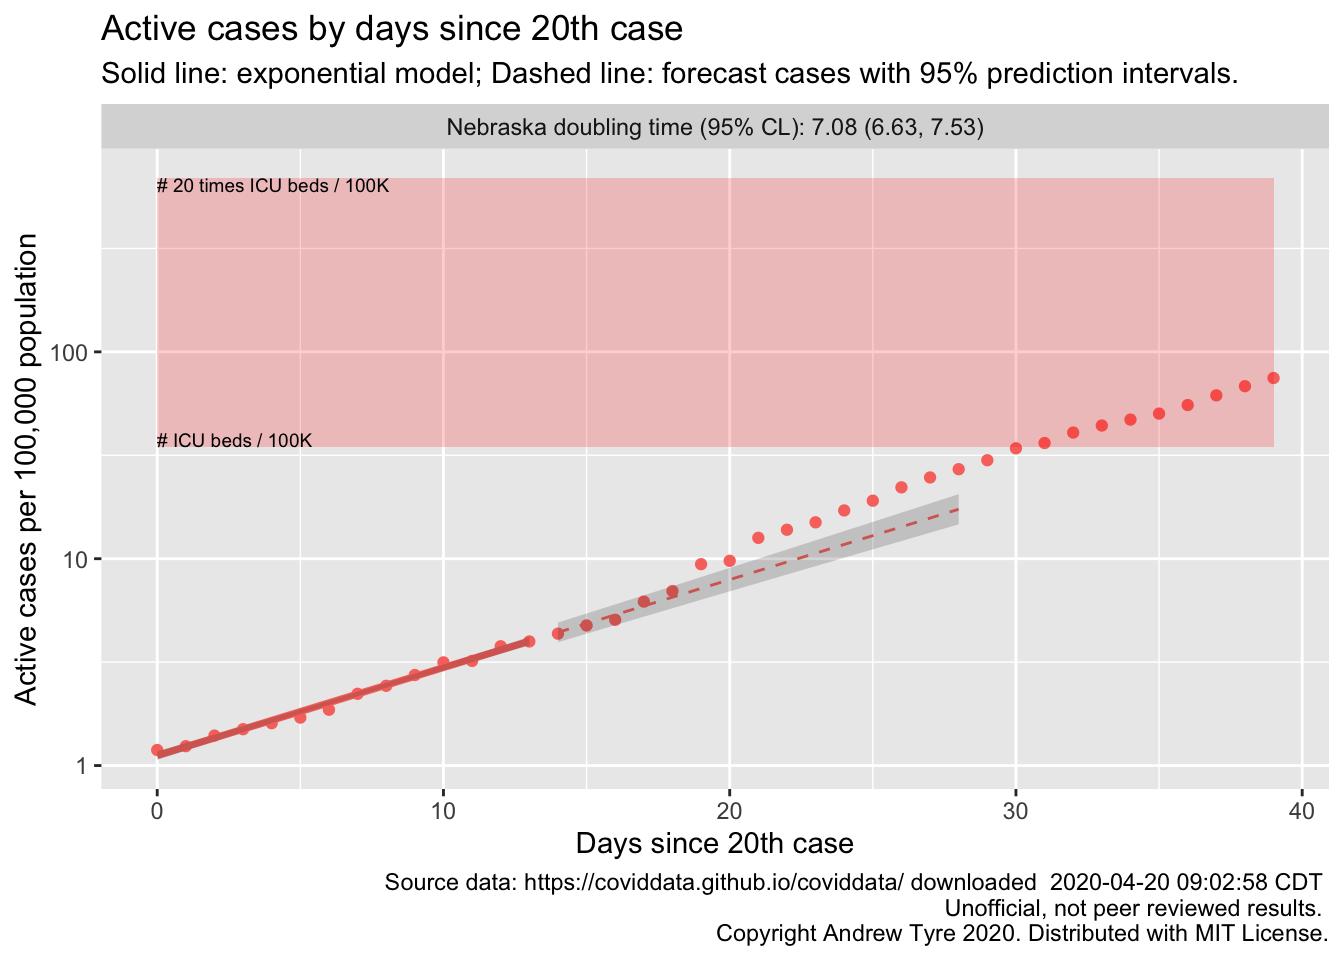 plot of cases by day for Nebraska